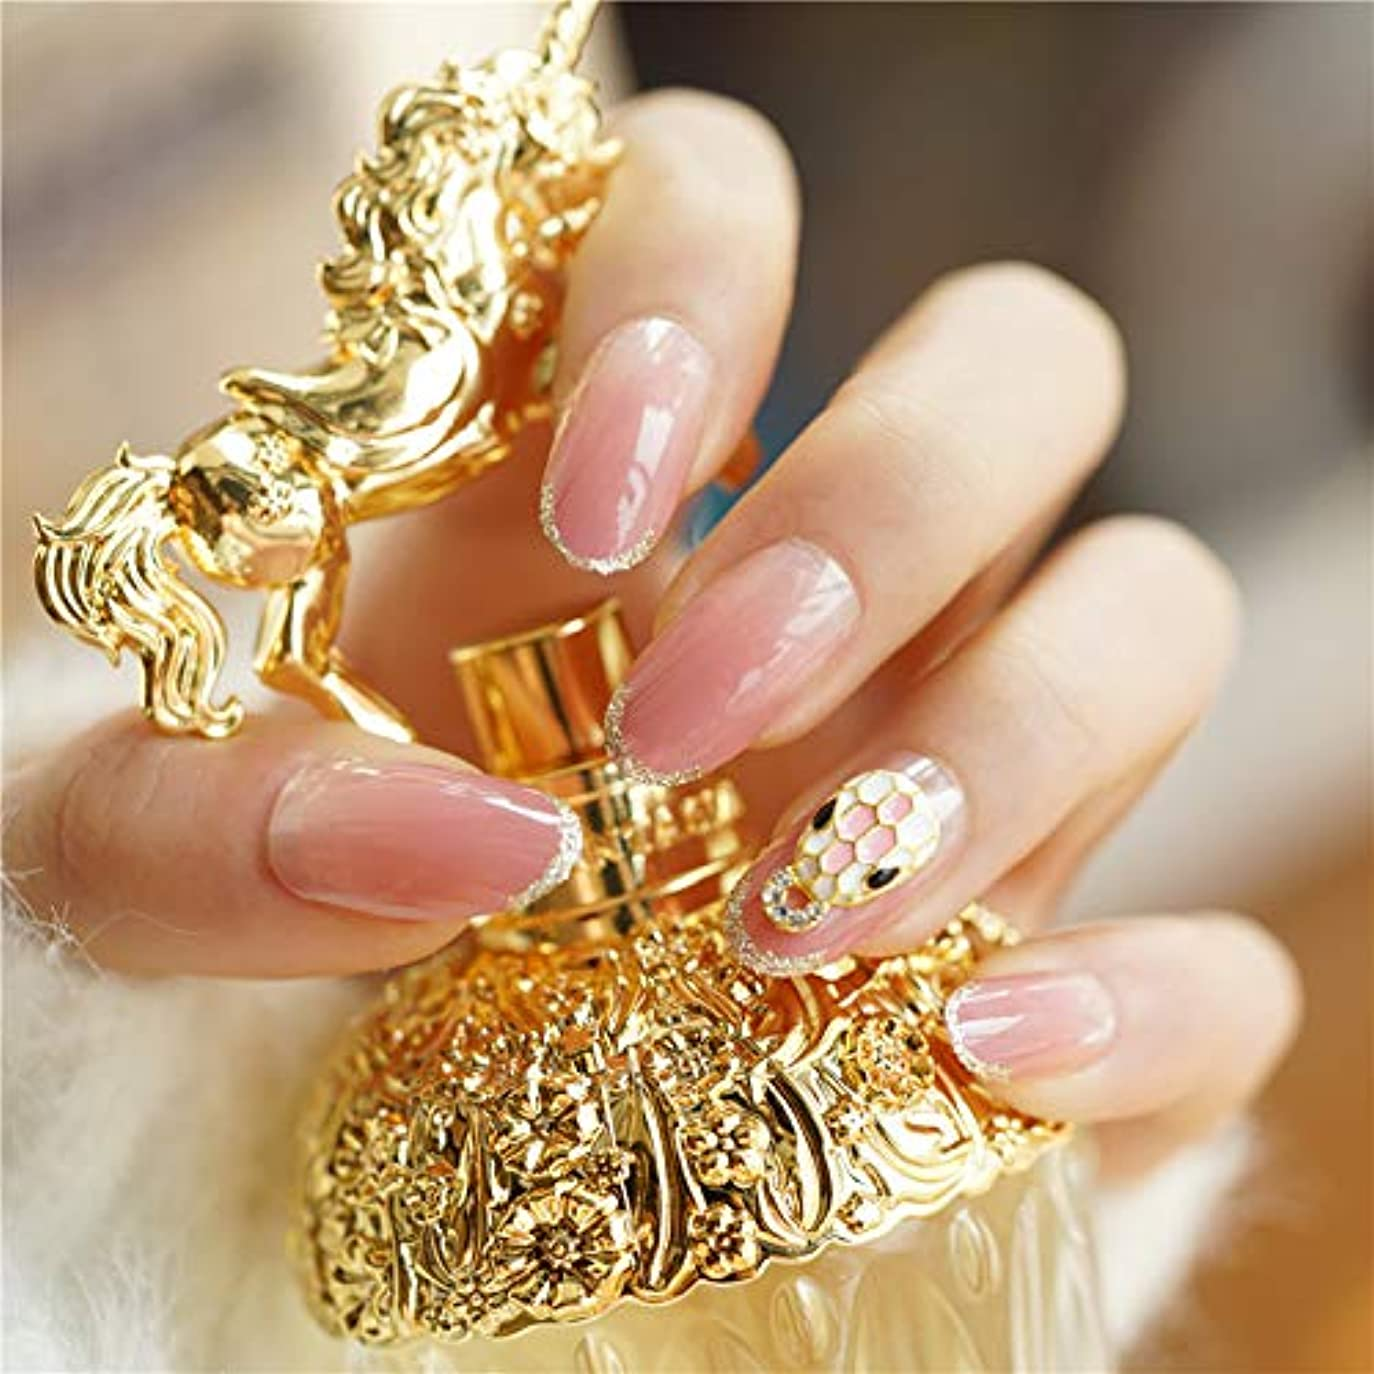 場所触覚フェデレーション24枚セット ネイルチップ 付け爪 お嫁さんつけ爪 ネイルシール 3D可愛い飾り 爪先金回し 水しいピンク色変化デザインネイルチップ (ピンク)